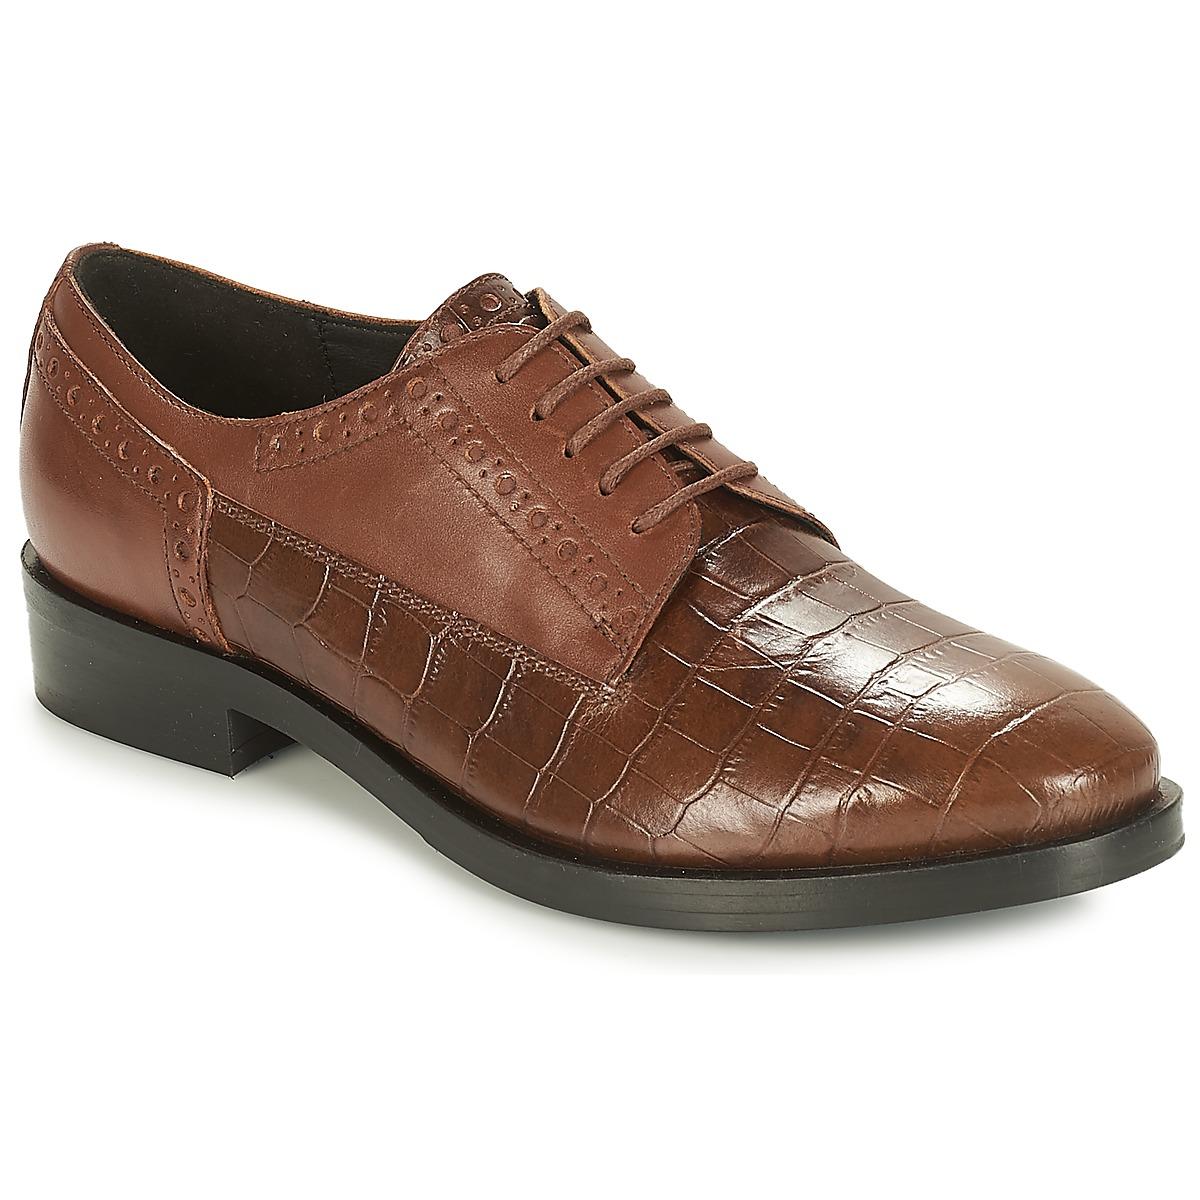 Geox DONNA BROGUE Braun - Kostenloser Versand bei Spartoode ! - Schuhe Derby-Schuhe Damen 135,00 €